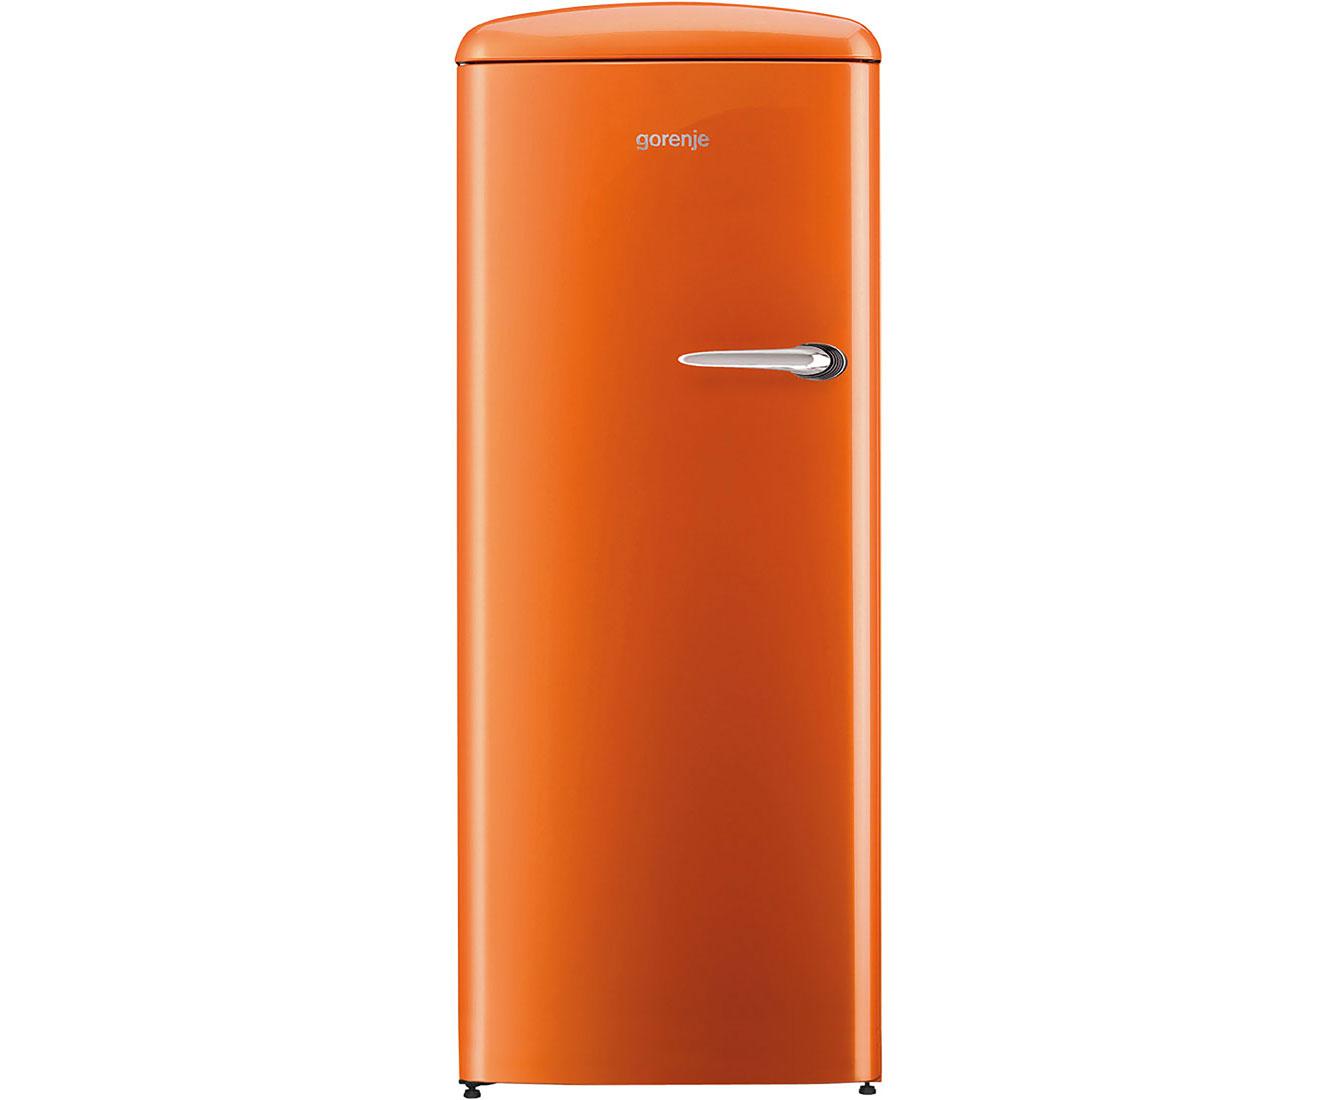 Kleiner Vintage Kühlschrank : Retro kühlschrank ohne gefrierfach gorenje orb xl